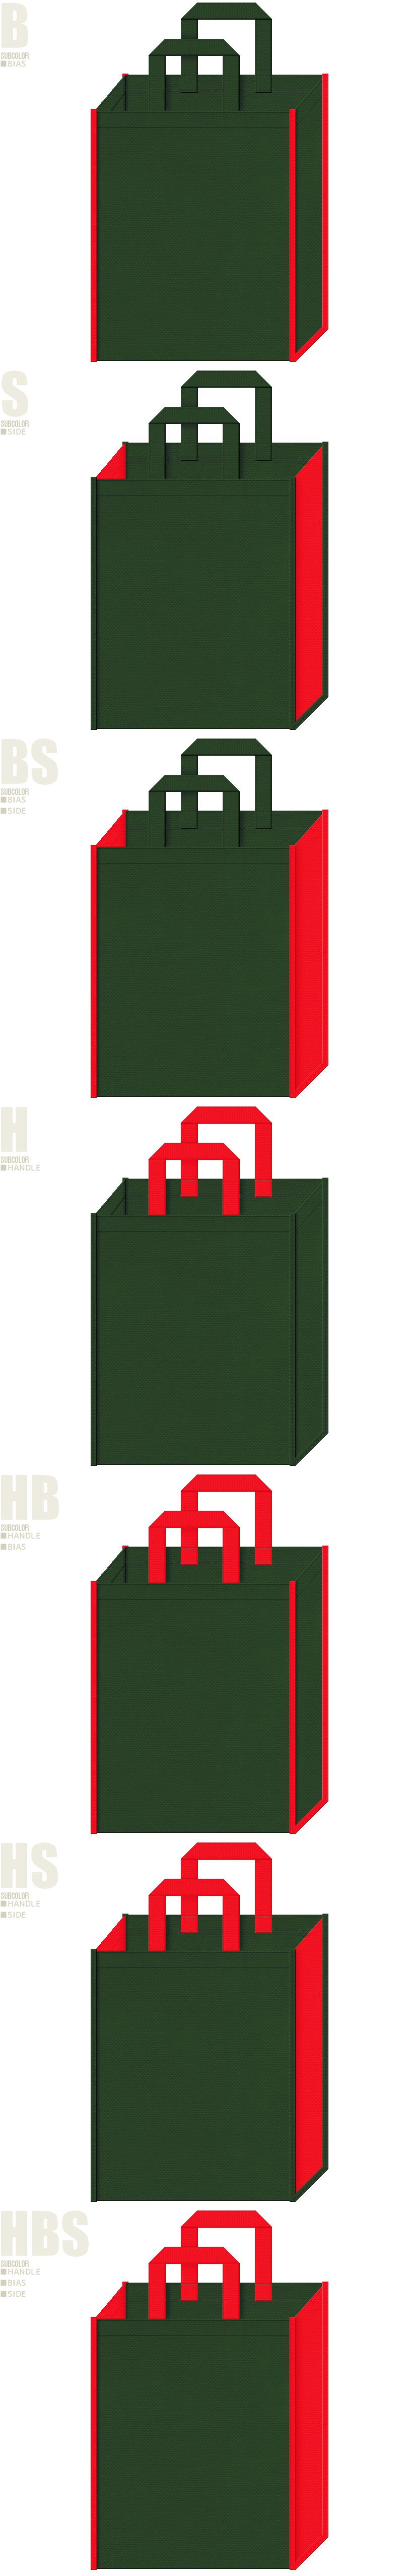 クリスマス・バーナー・キャンプ・アウトドア用品の展示会用バッグにお奨めの不織布バッグデザイン:濃緑色と赤色の不織布バッグ配色7パターン。